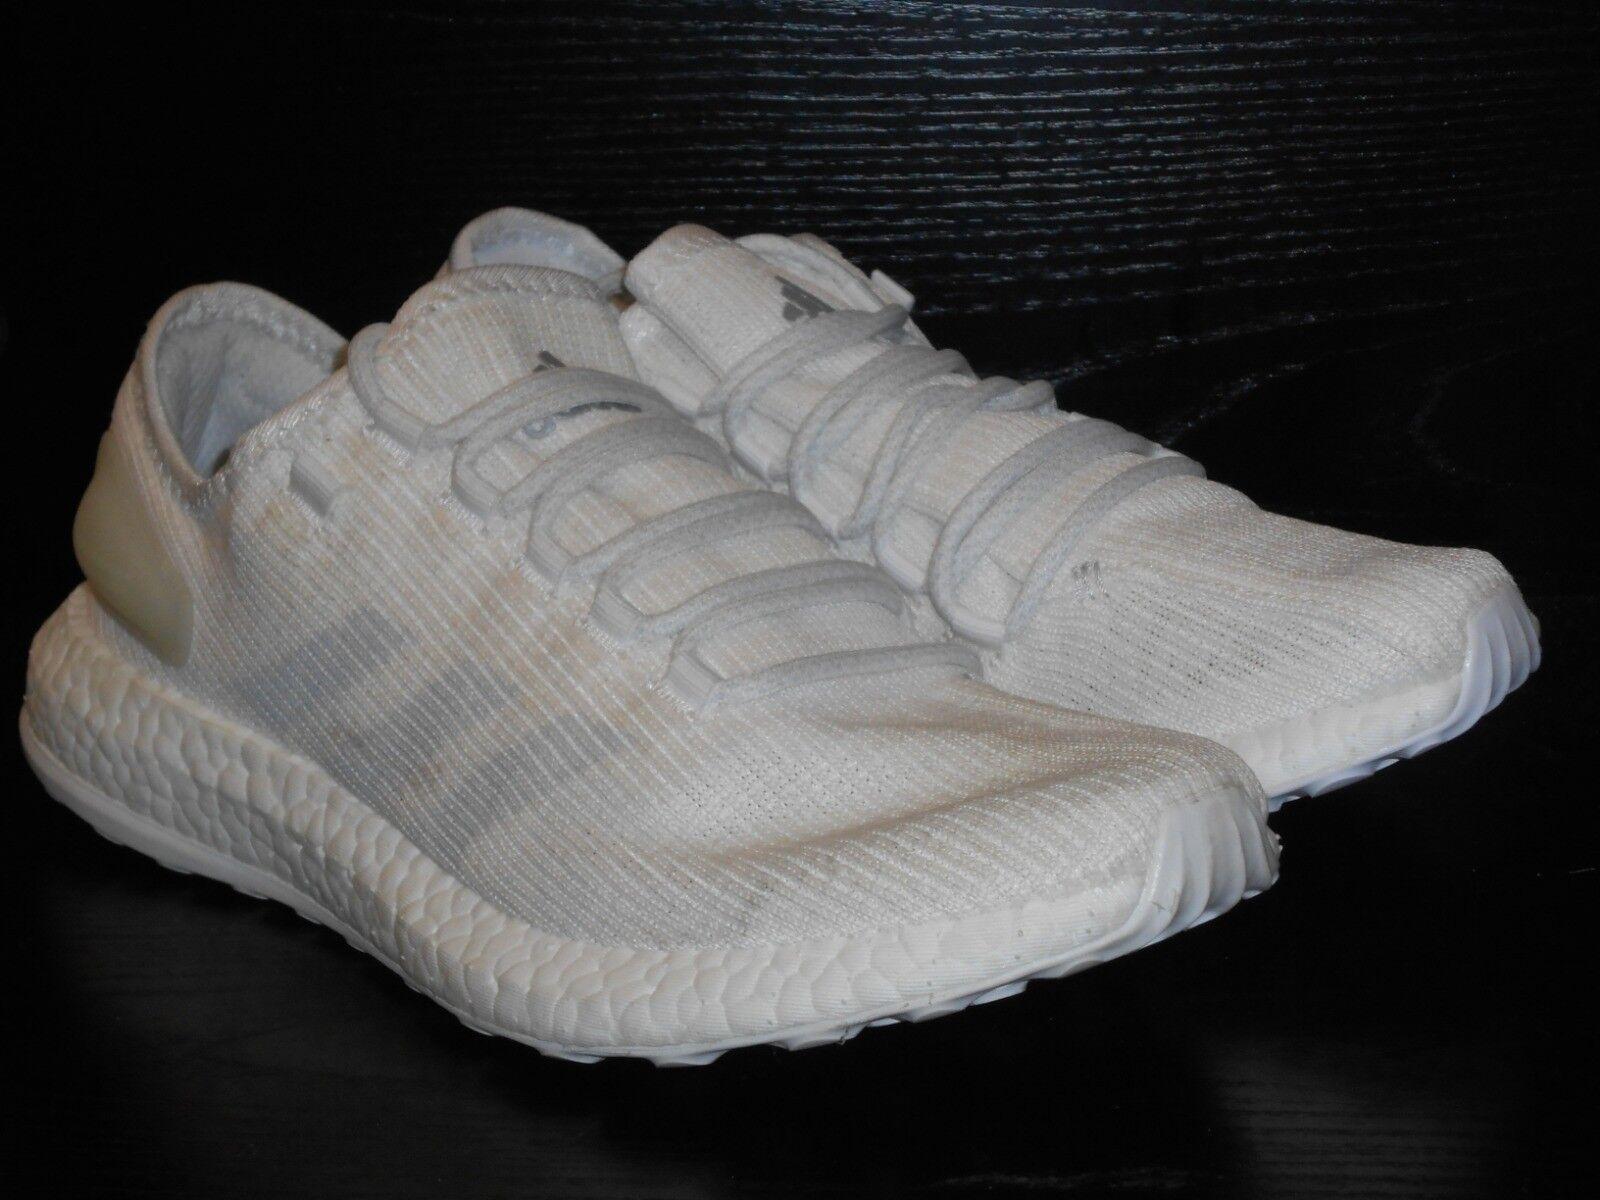 Adidas PureBoost Clima   Herren Running Trainer Schuhe Größe 8 8 Größe  /- 052c1c